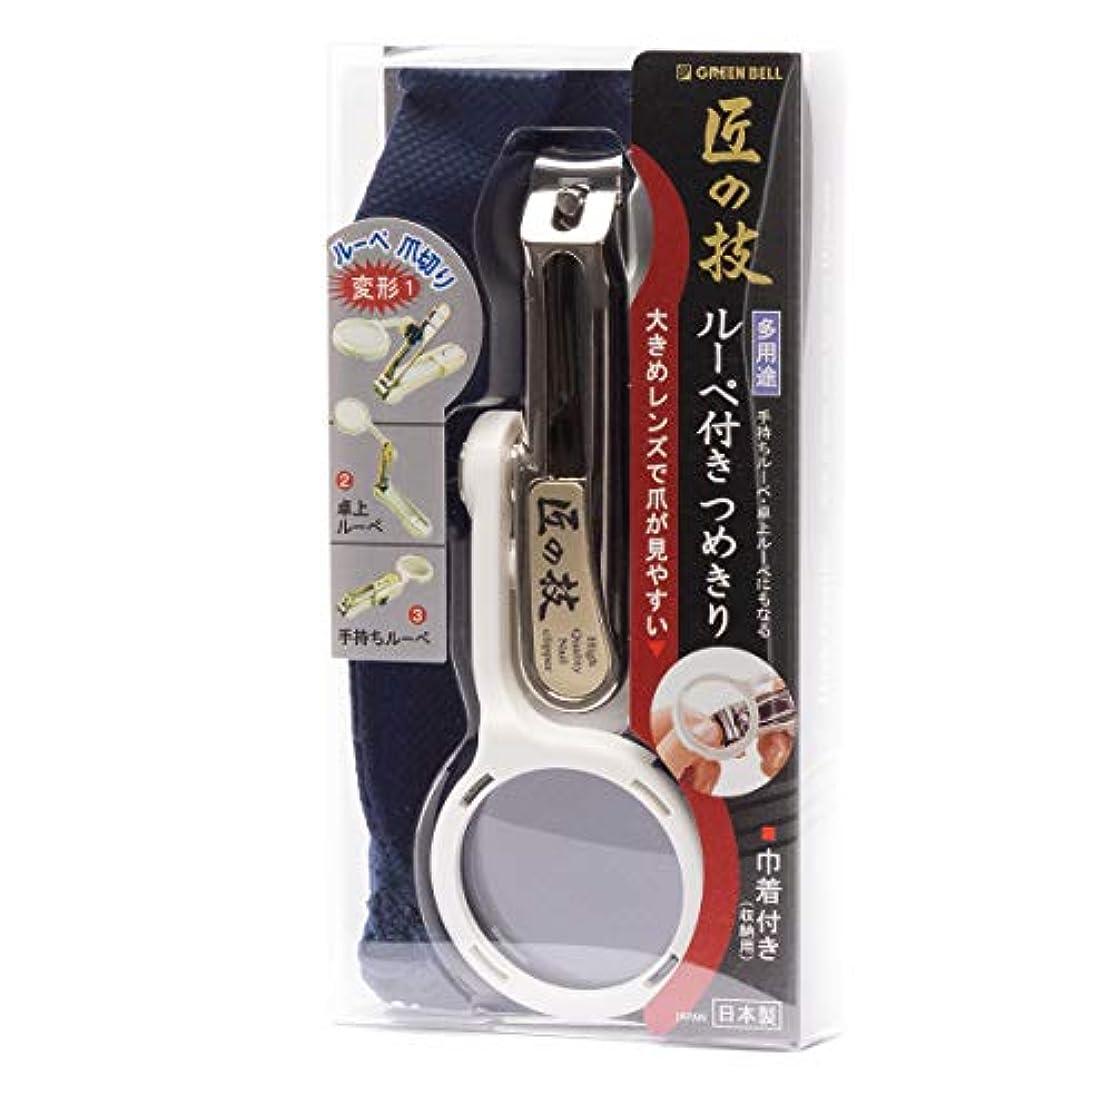 アストロラーベシャッター気難しいMIDI-ミディ 匠の技 ルーペ付き つめきり 白 メガネ拭き セット (p-880122,p-k0055)